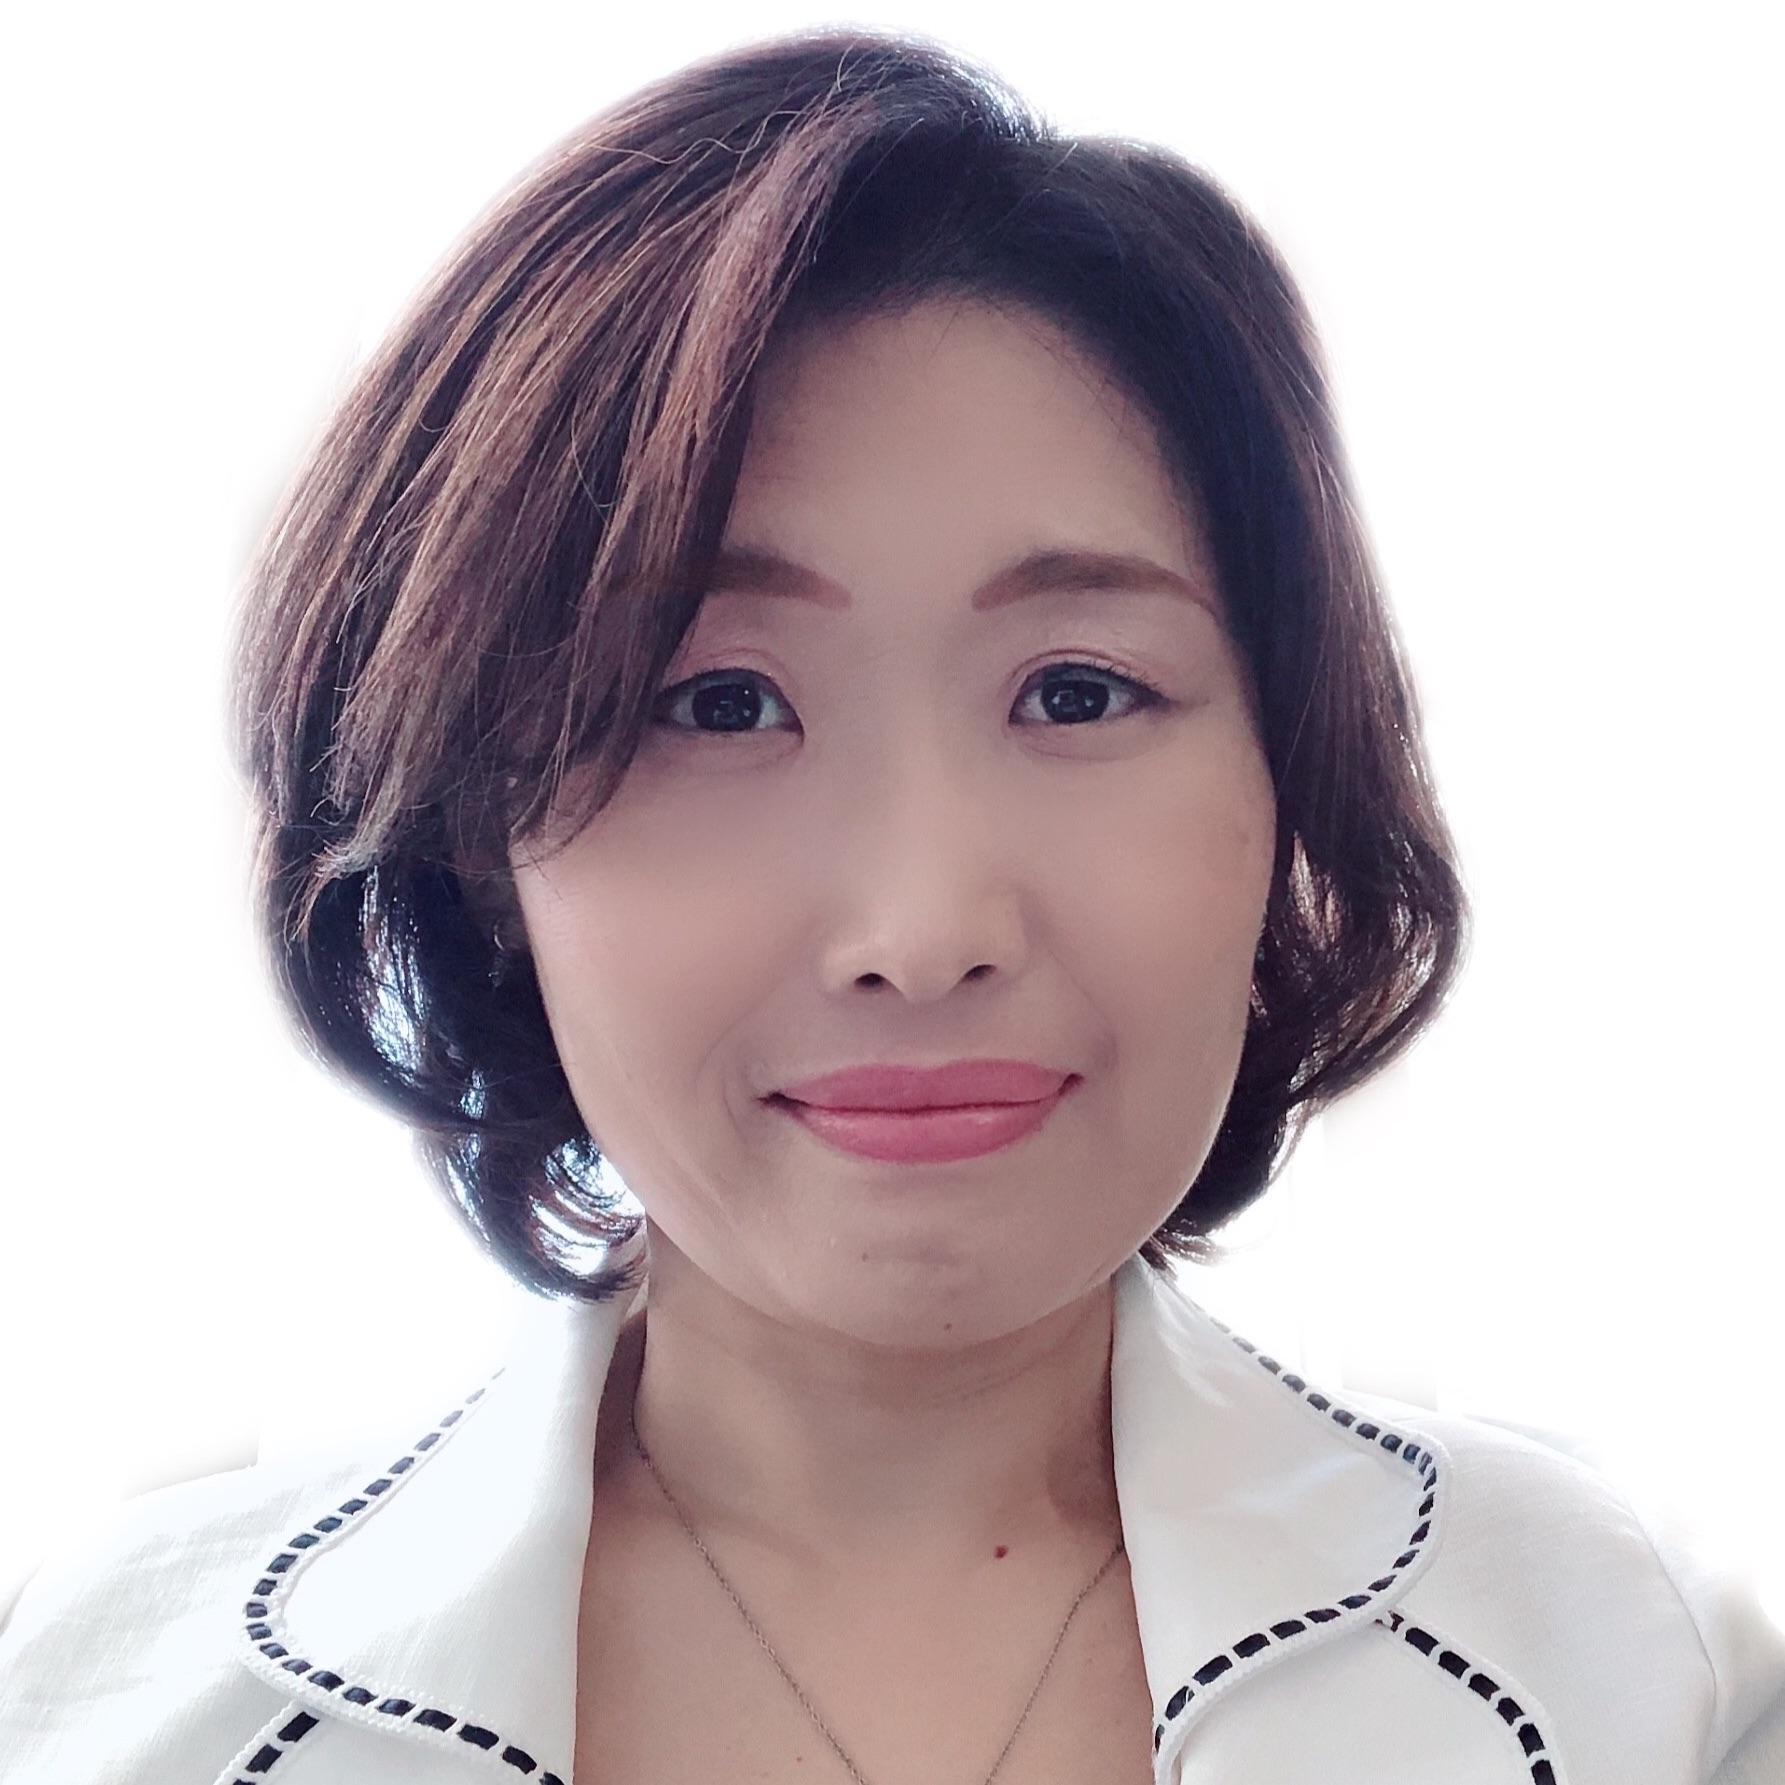 Mayumi Shimoda